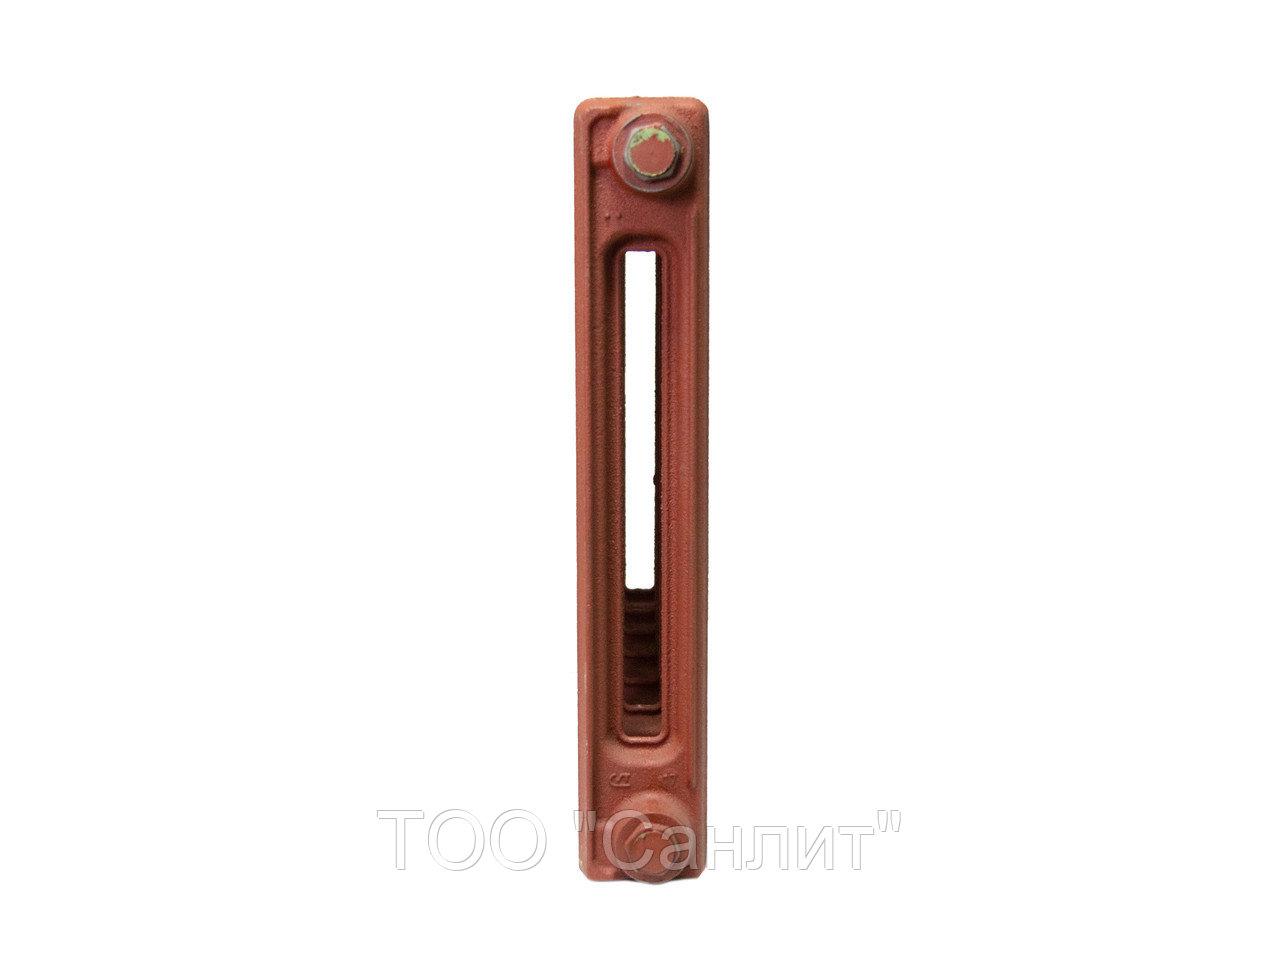 Радиатор чугунный РС - 100 - 0,9 - фото 2